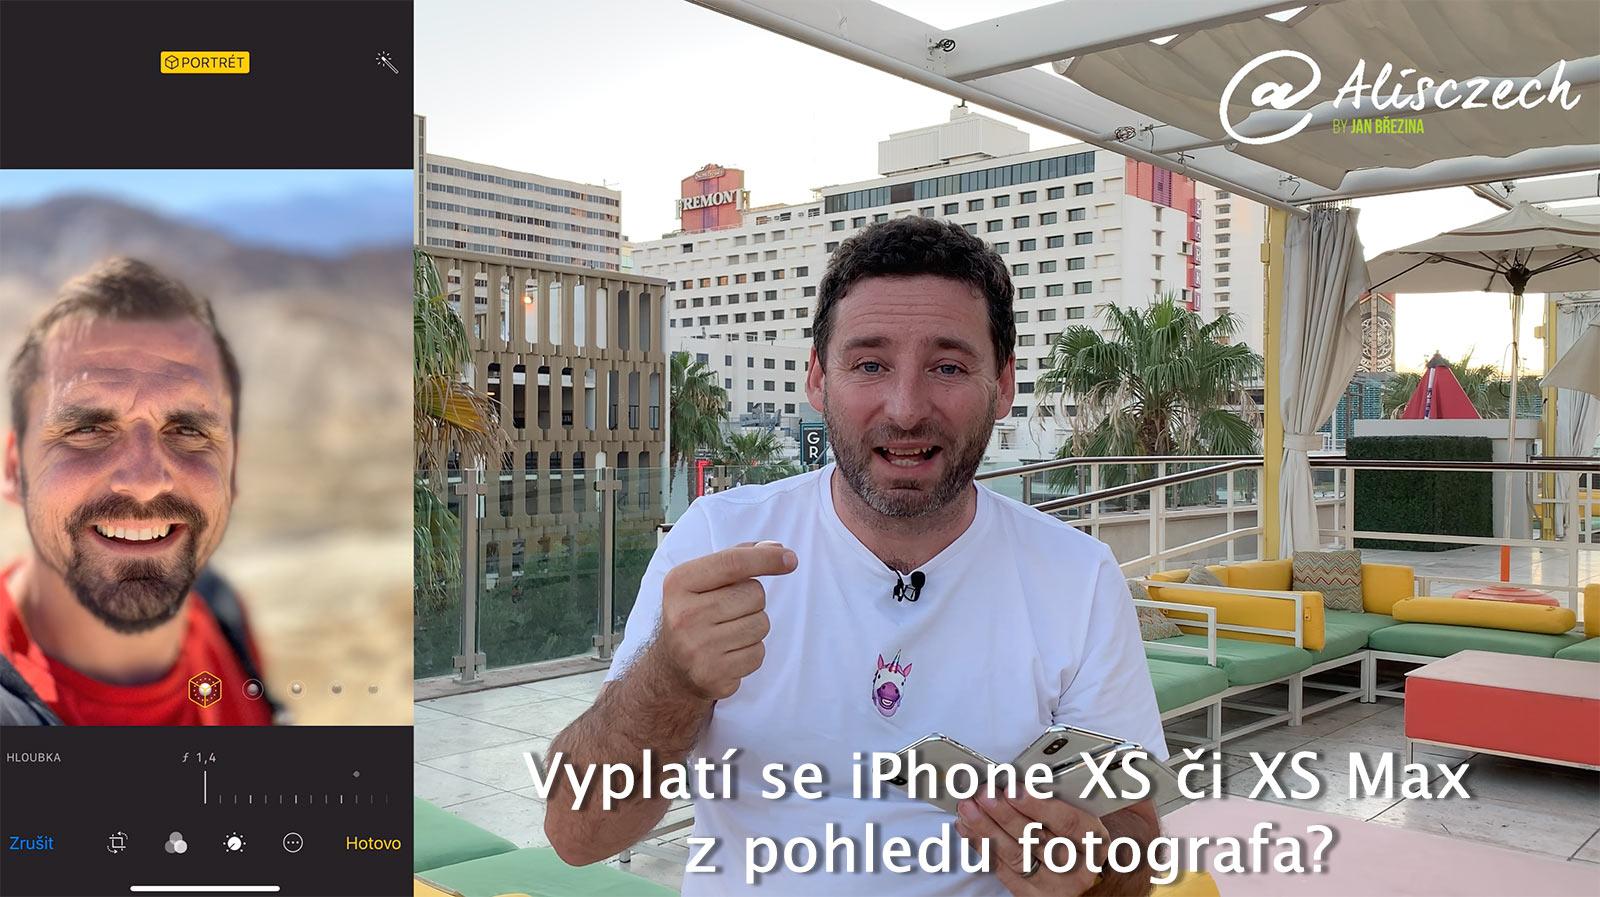 Vyplatí se upgrade na iPhone XS či XS Max z pohledu fotografa?